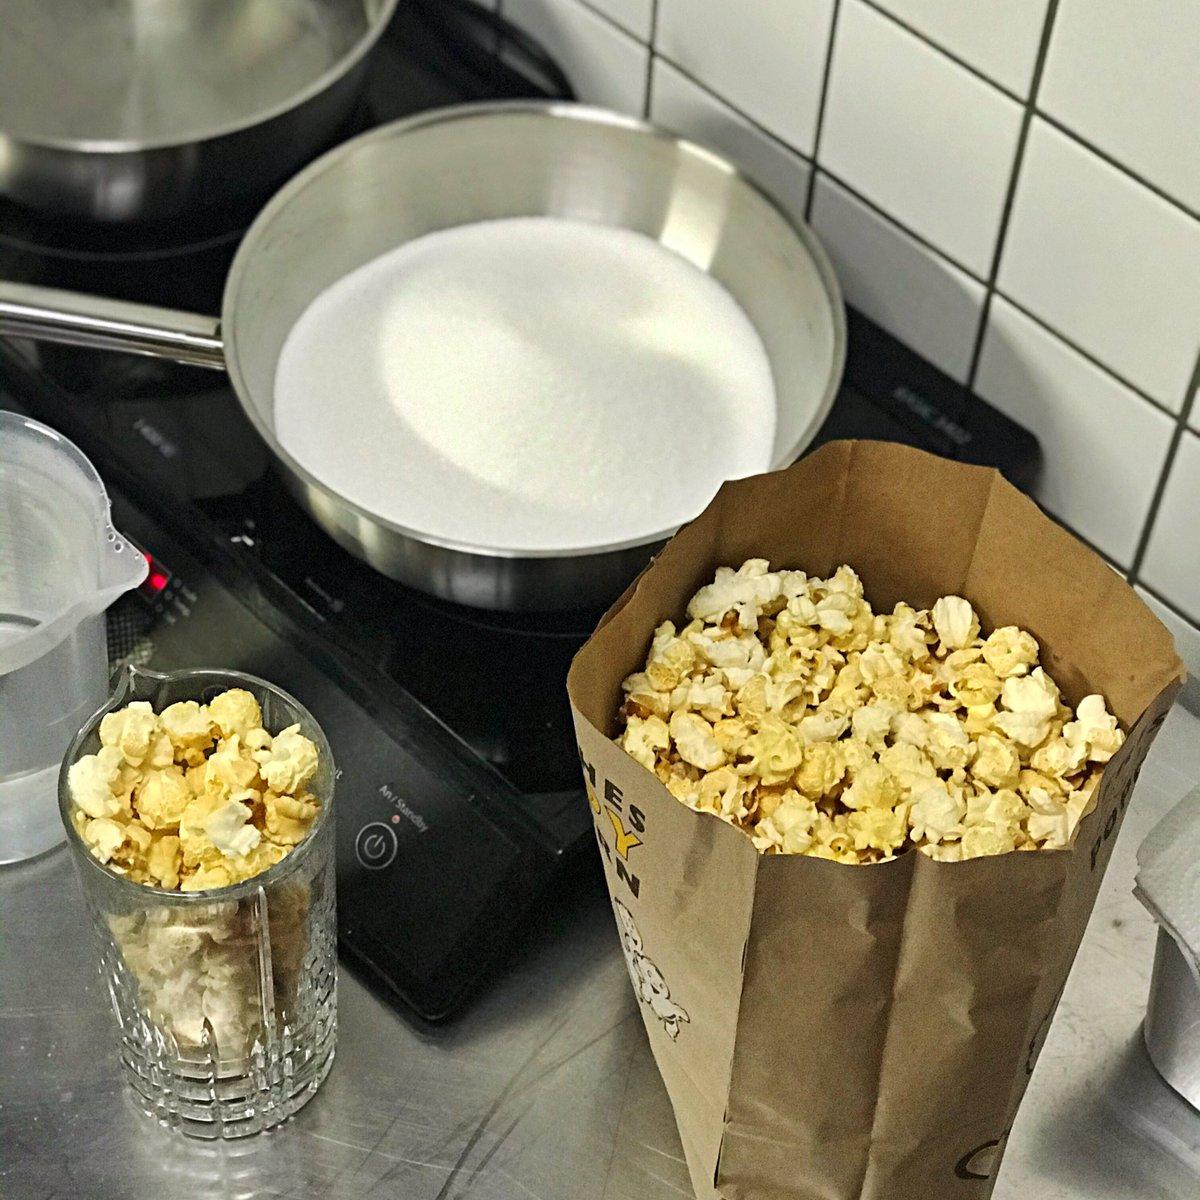 Wir kochen #popcorn Sirup für unseren neuen #woodfordreserve #oldfashioned - ab 14.11.2019 bei uns in der #schoolofdrinking   #bestepopcorn #popcornoldfashioned #cocktailporn #thetastingroom #cocktailküche #cocktailkitchen #barkultur #ruhrgebiet #thekenprominenz #kneipenromantikpic.twitter.com/3tN05VelMX